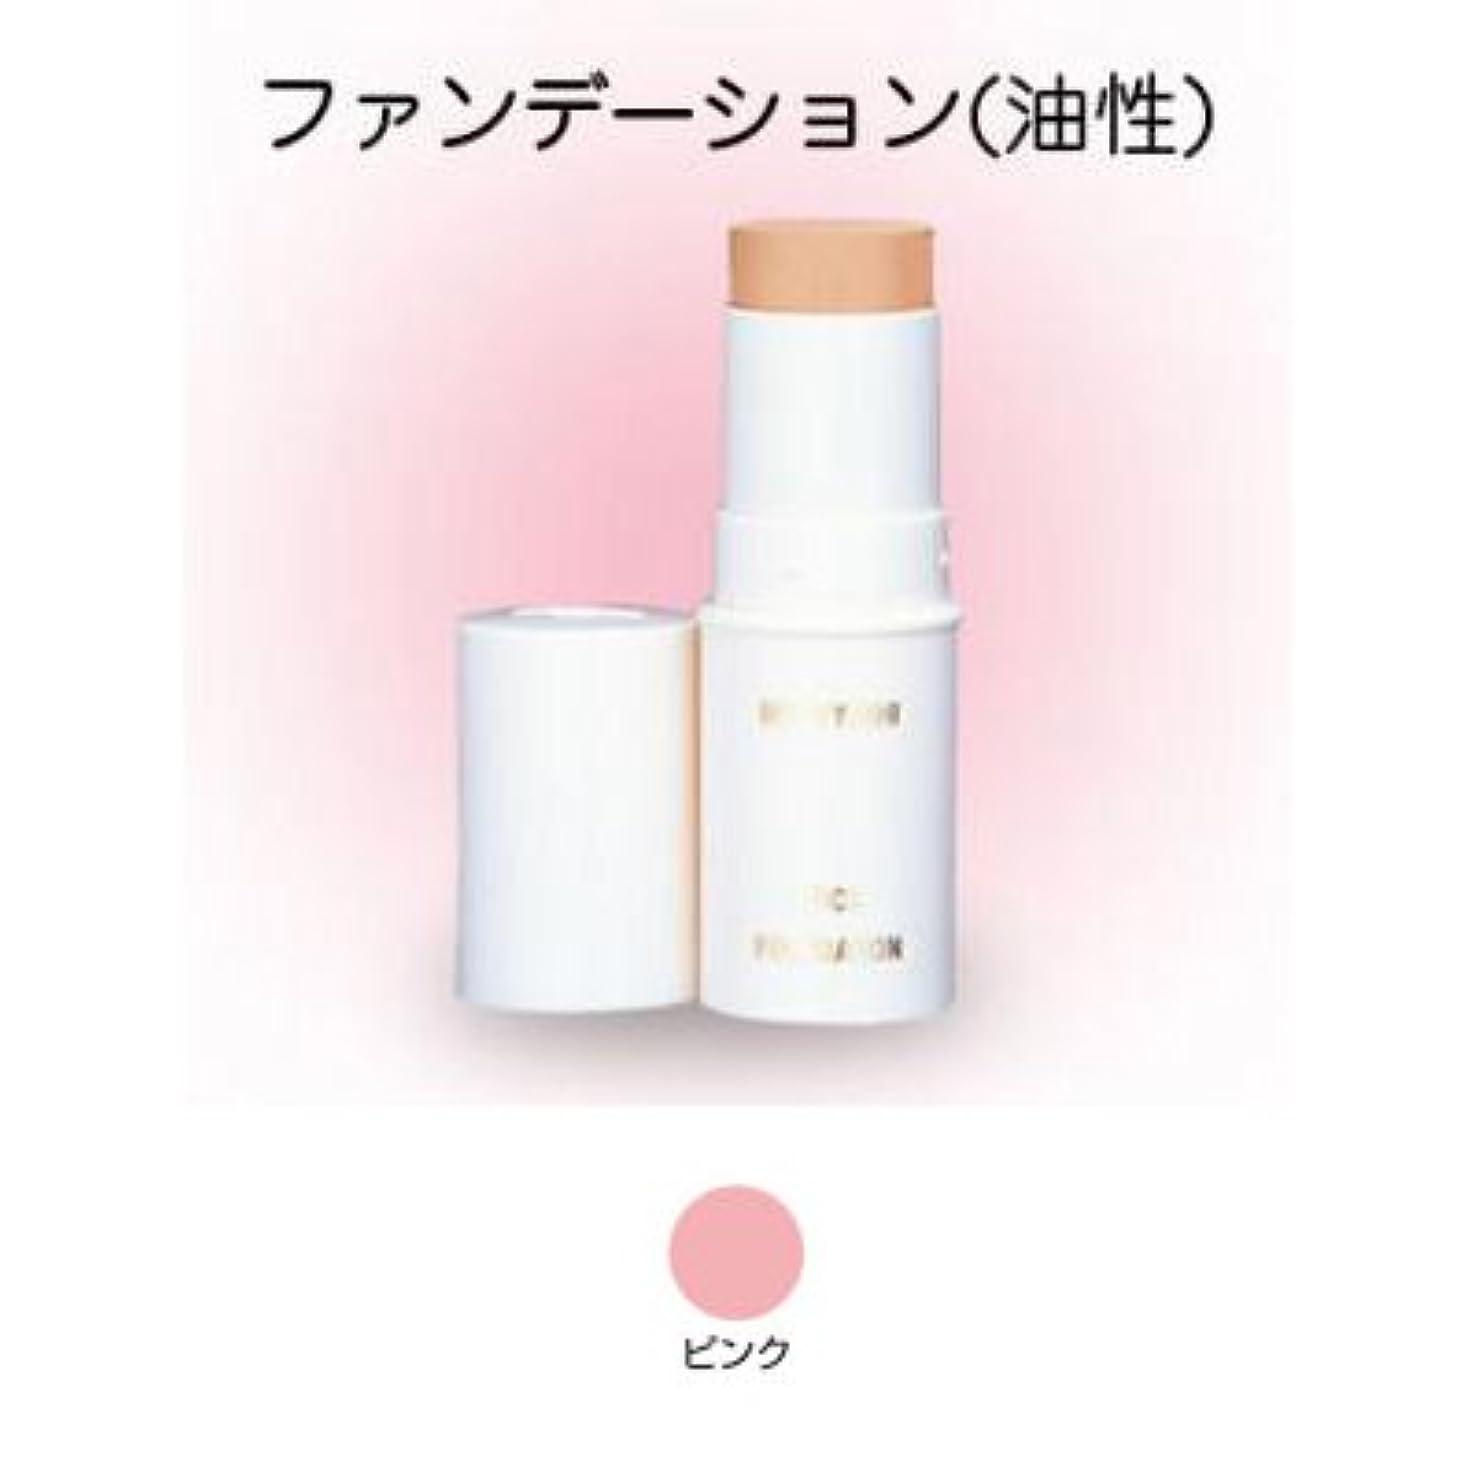 ピケファシズム遅れスティックファンデーション 16g ピンク 【三善】